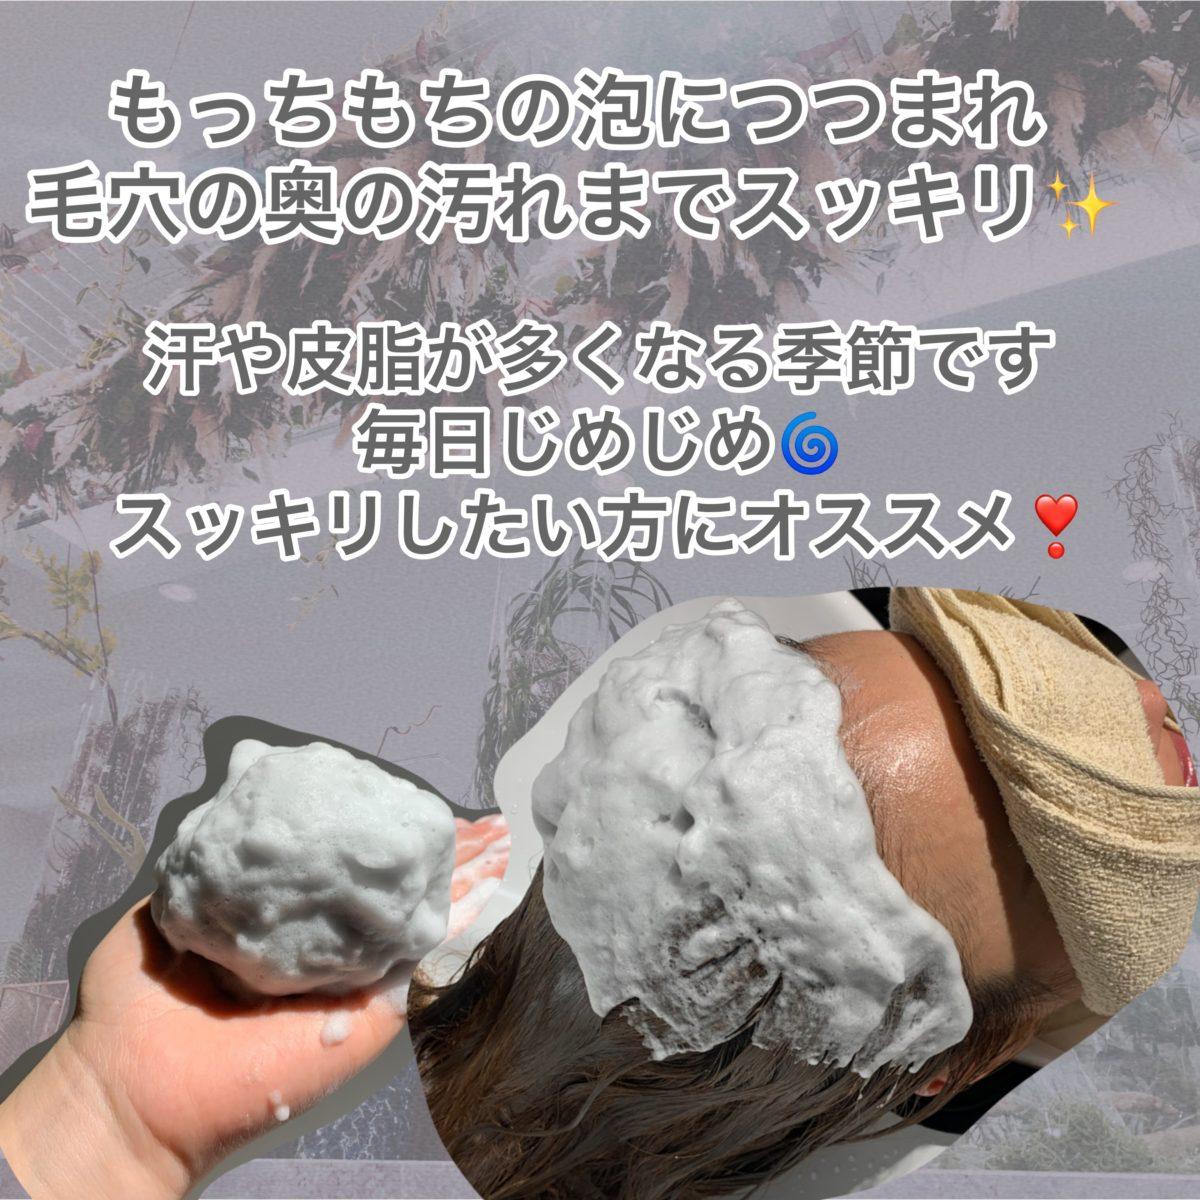 炭酸スミ泡シャンプー